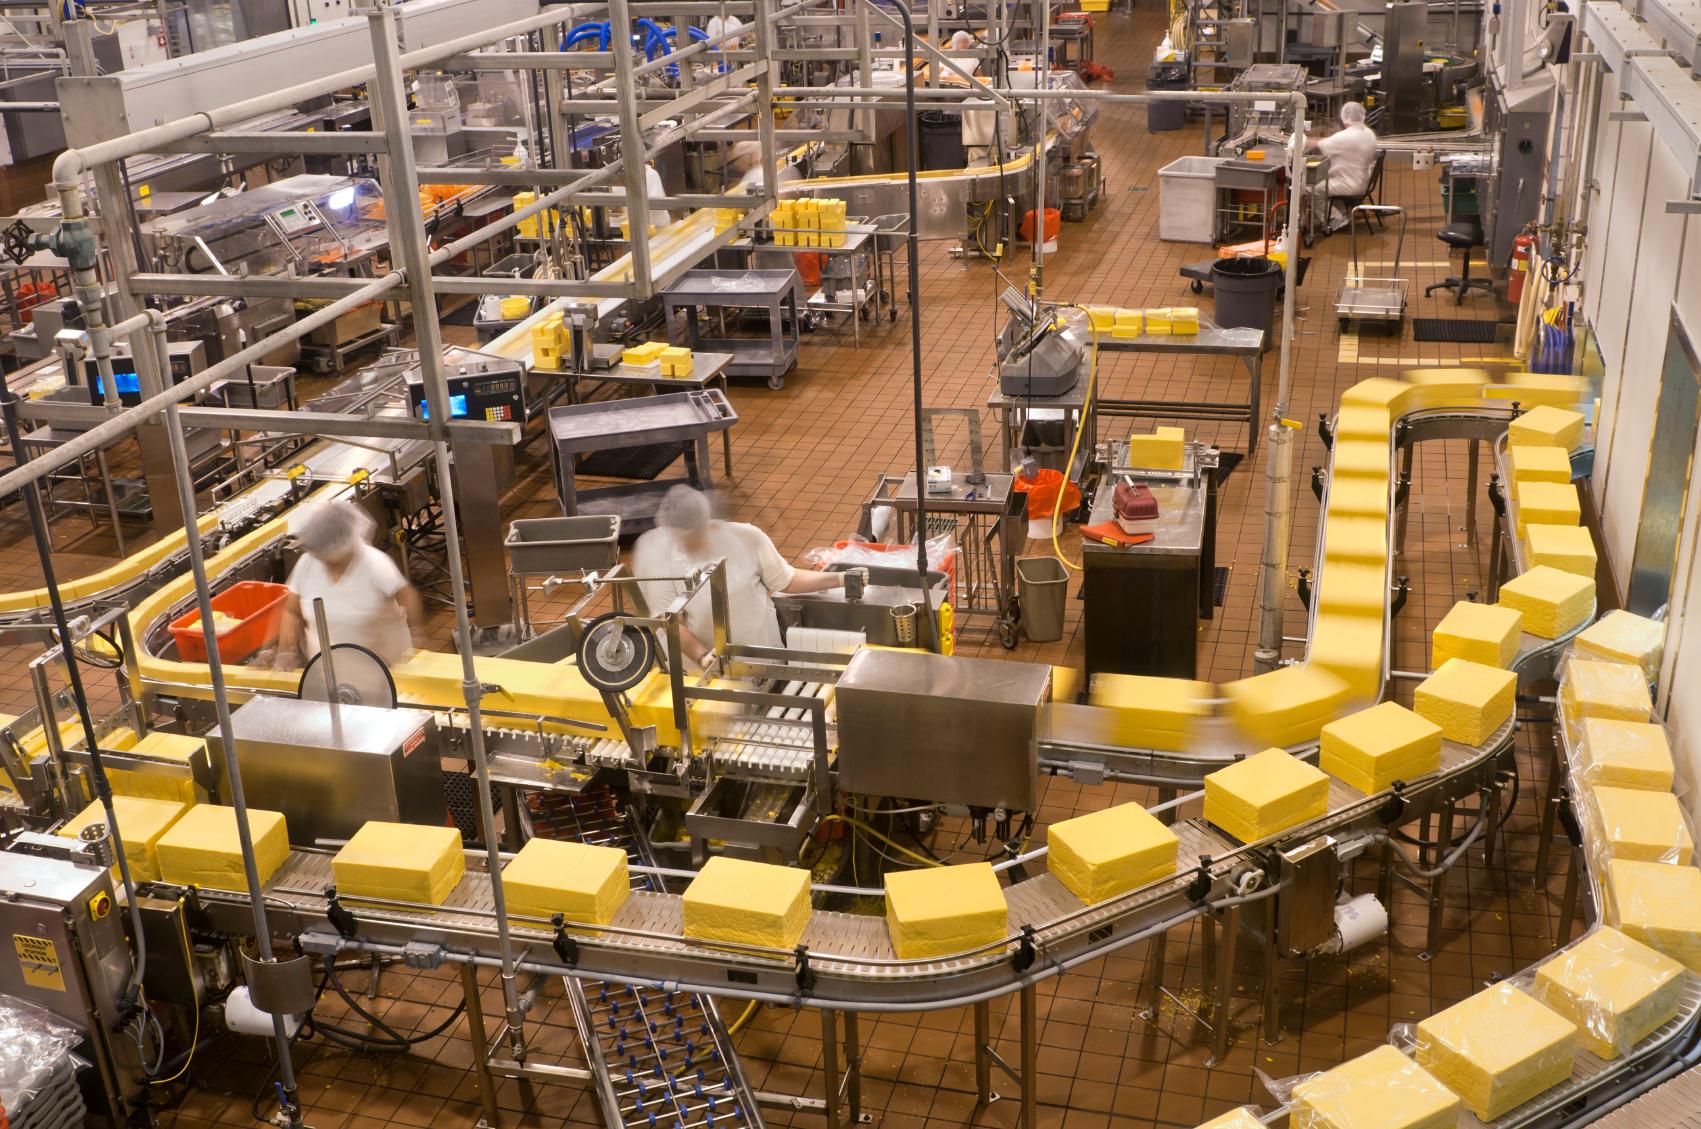 Economía convoca ayudas por 2,6 millones para impulsar el sector industrial